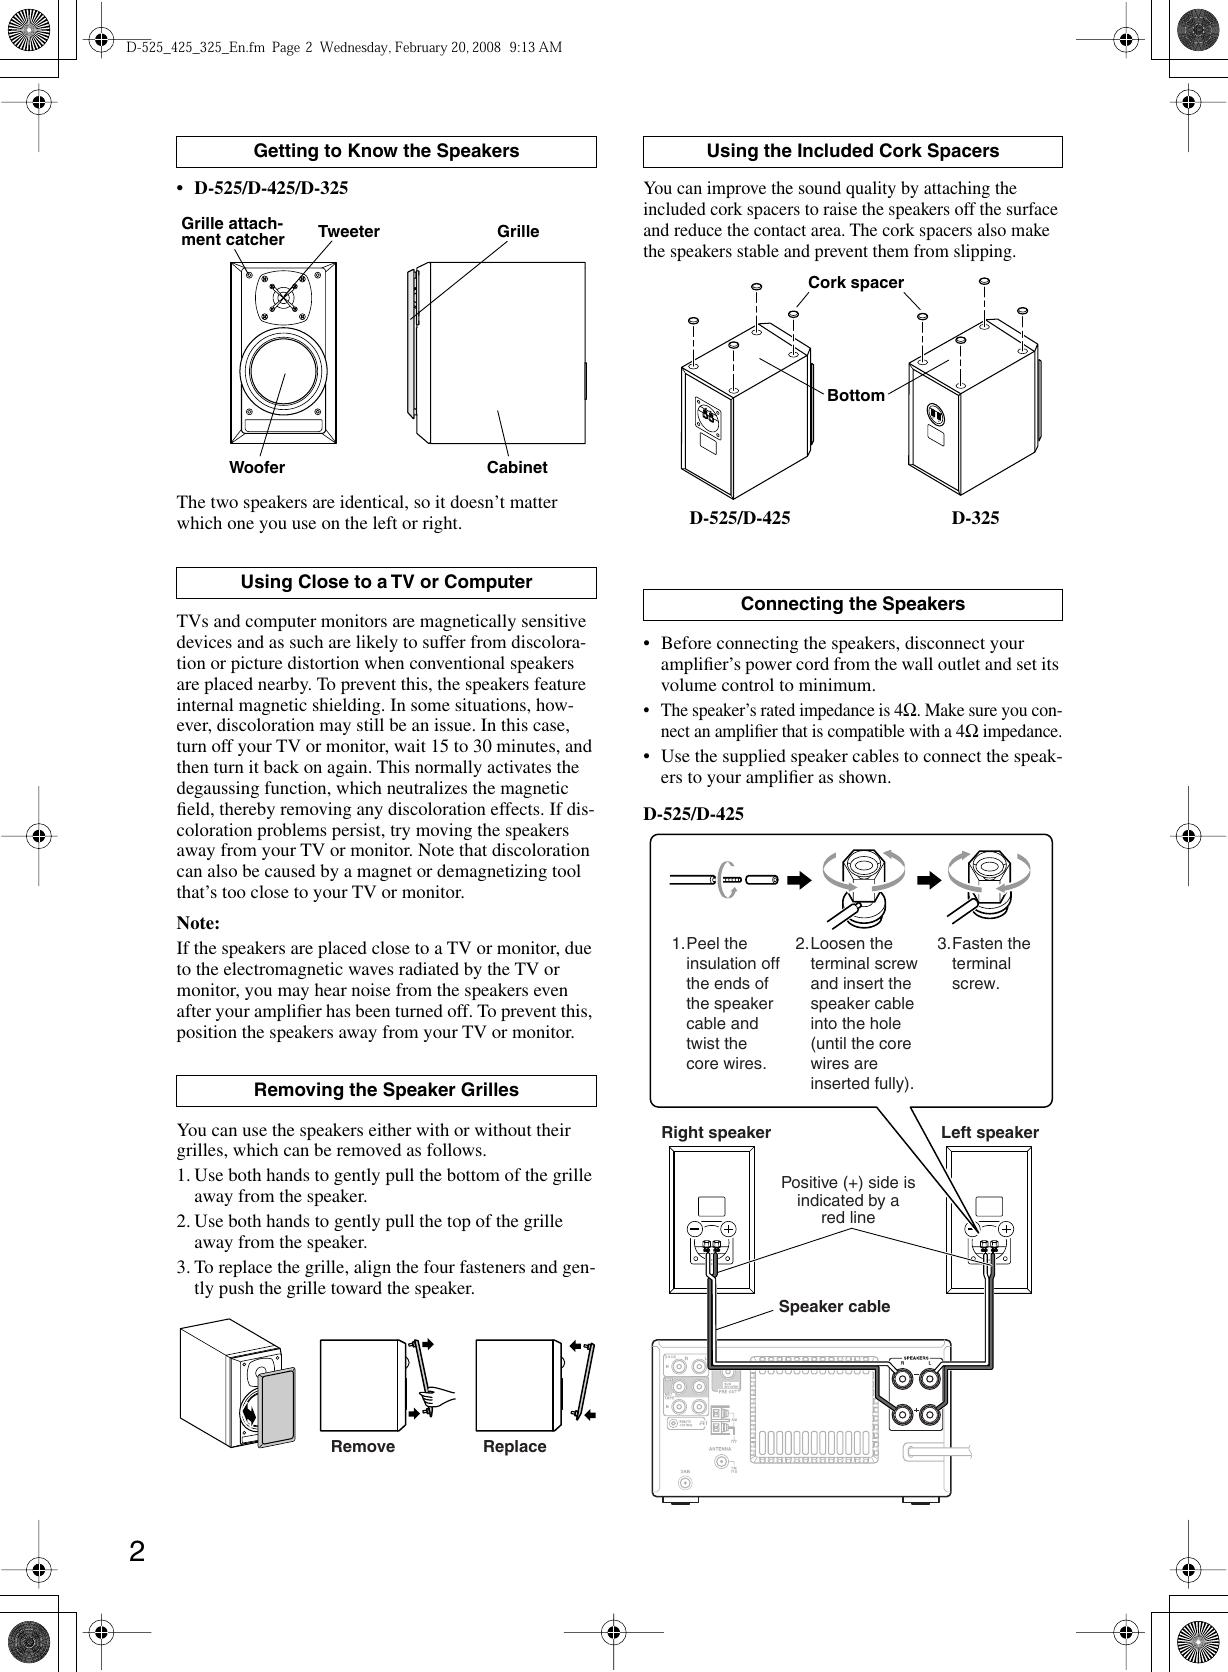 Onkyo D 325 Users Manual 525 425 En Wiring Diagram Page 2 Of 4